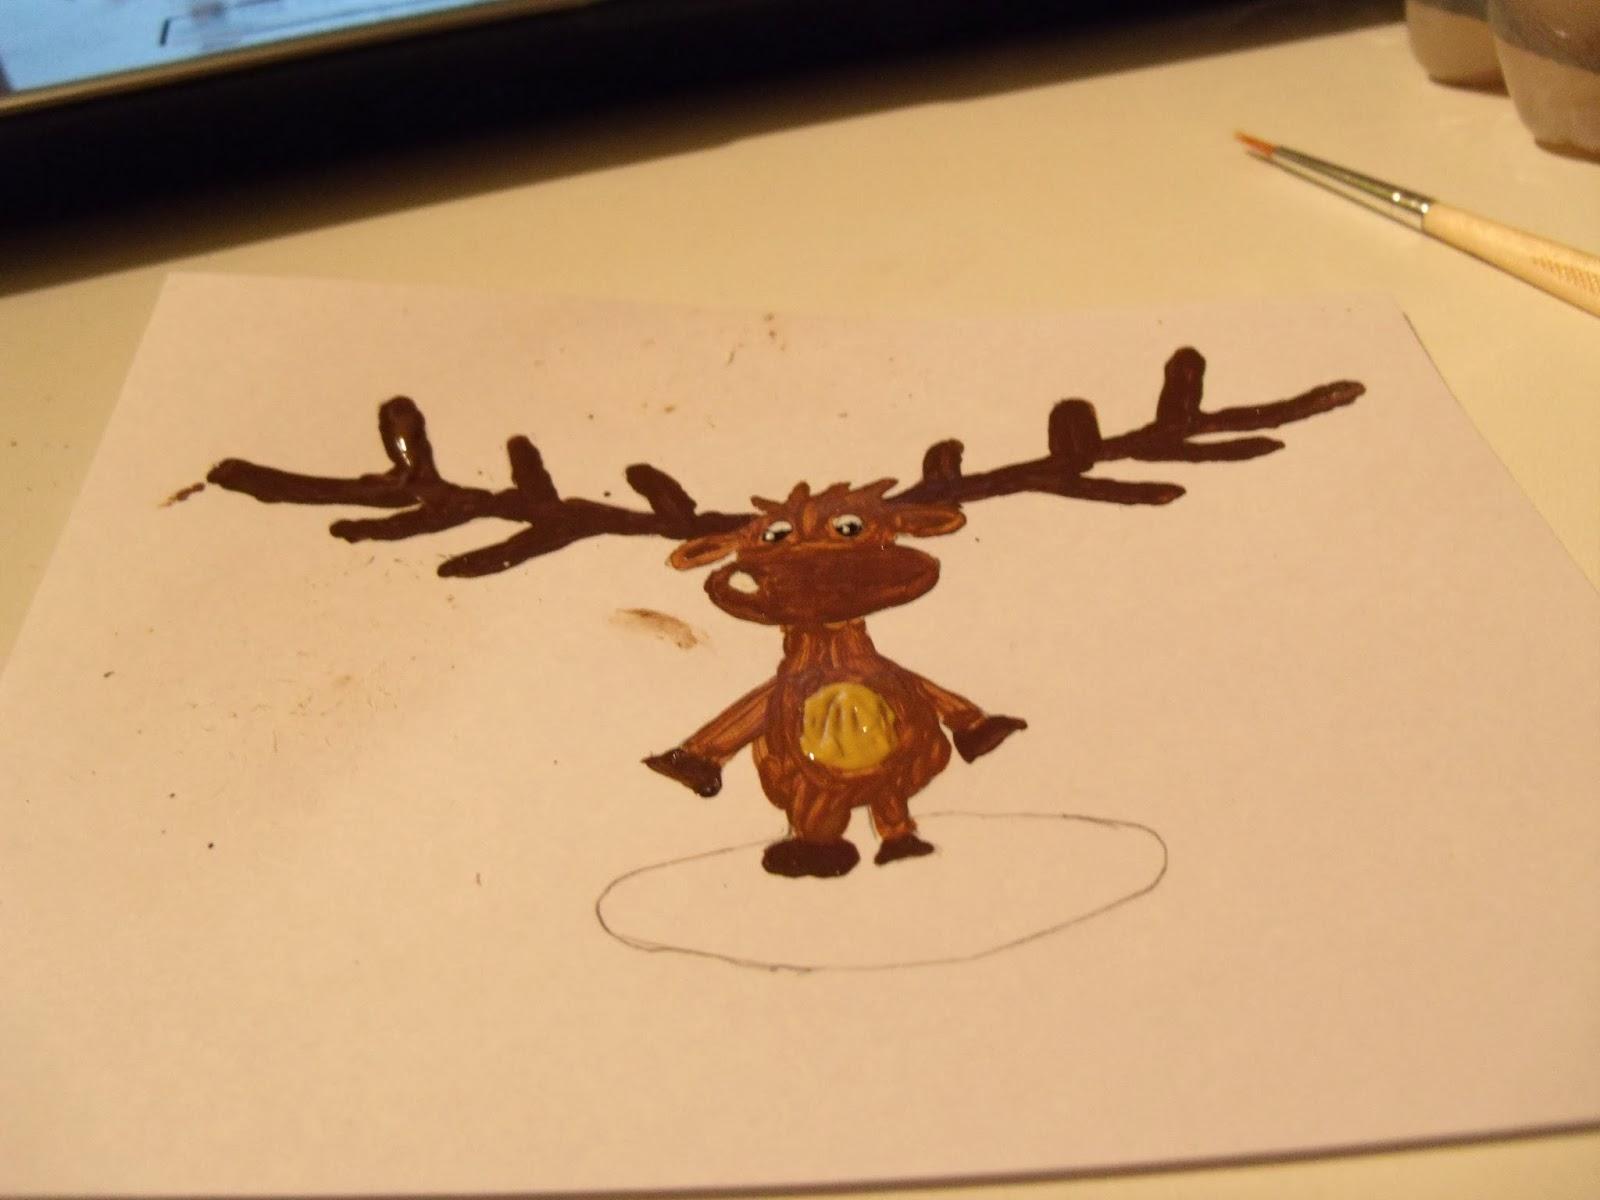 Weihnachtskarten Malen.Katdis Crazy World Weihnachtskarten Mit Acrylfarben Malen Auch Für